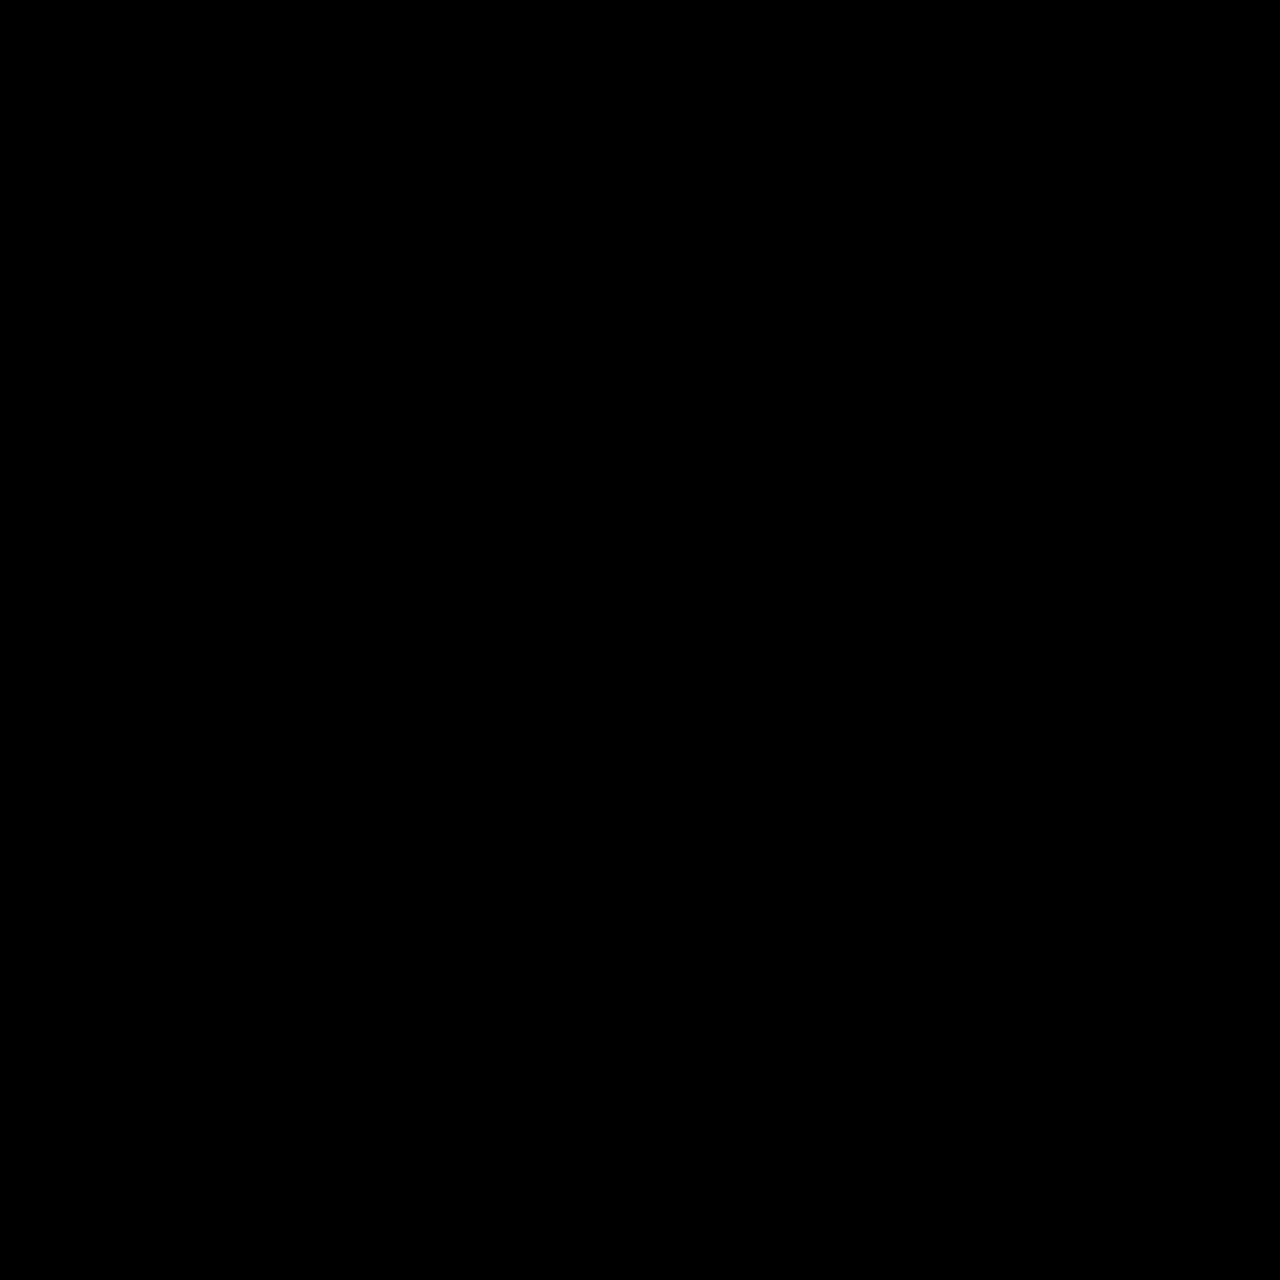 7F7639AE-89EF-45FC-B678-96B02BF7C3C1.png